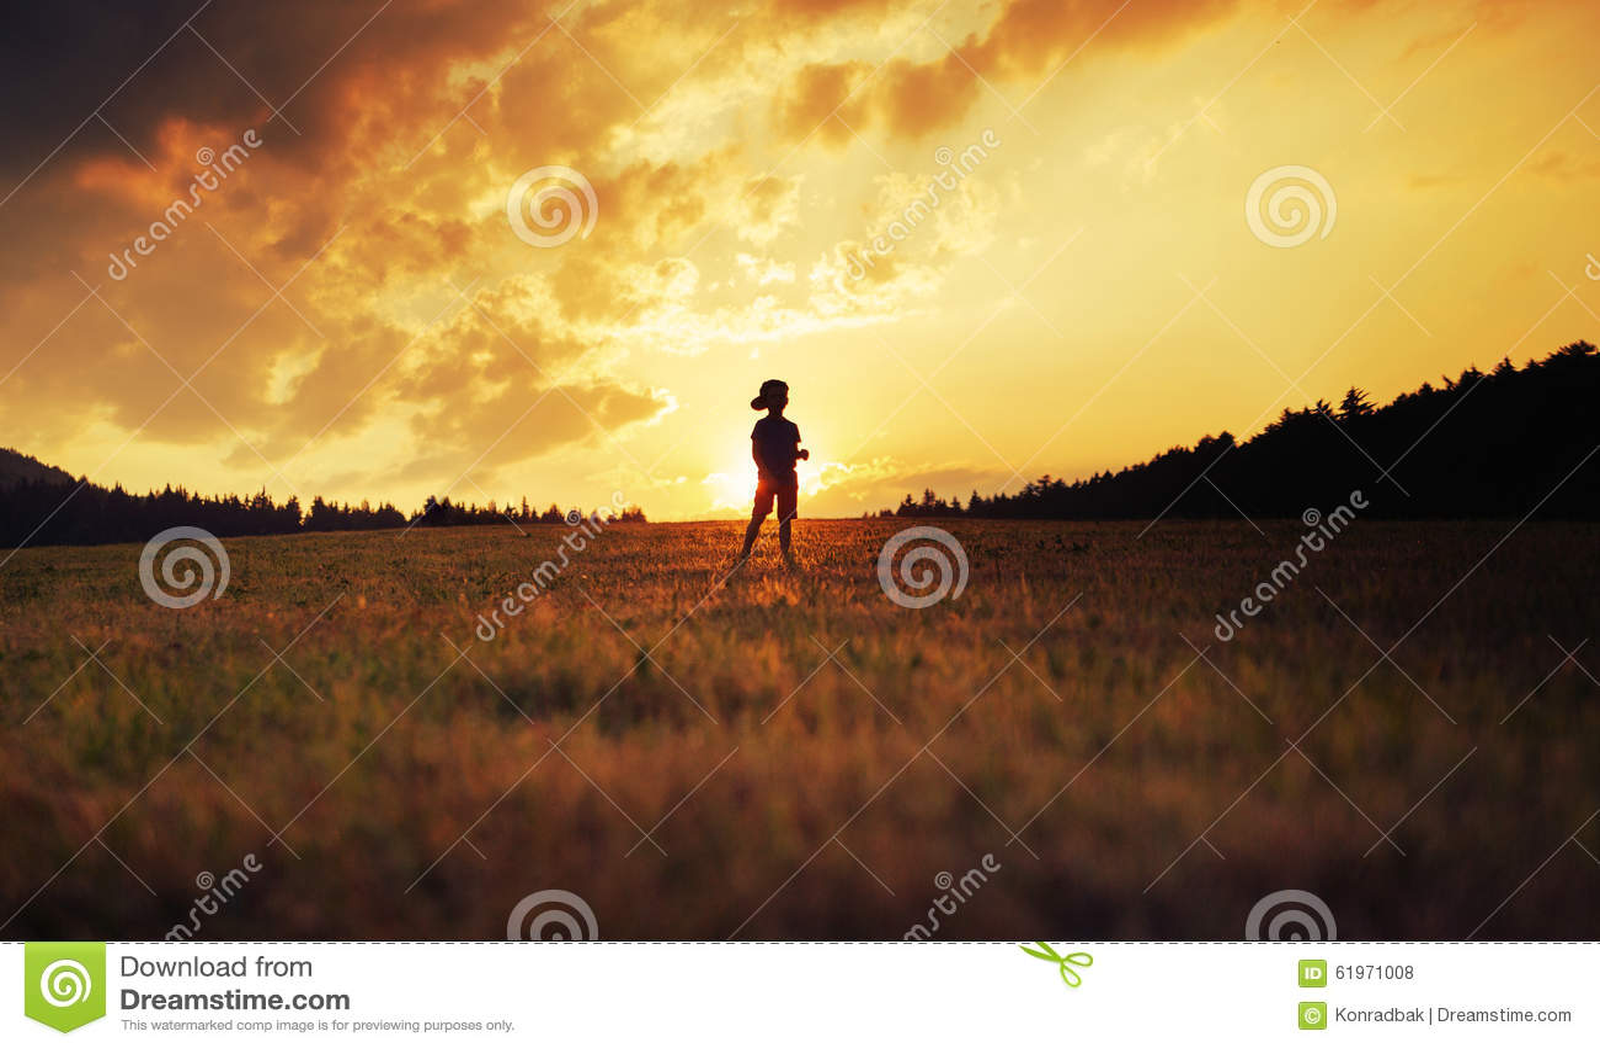 Silueta del niño feliz que juega en prado en la puesta del sol